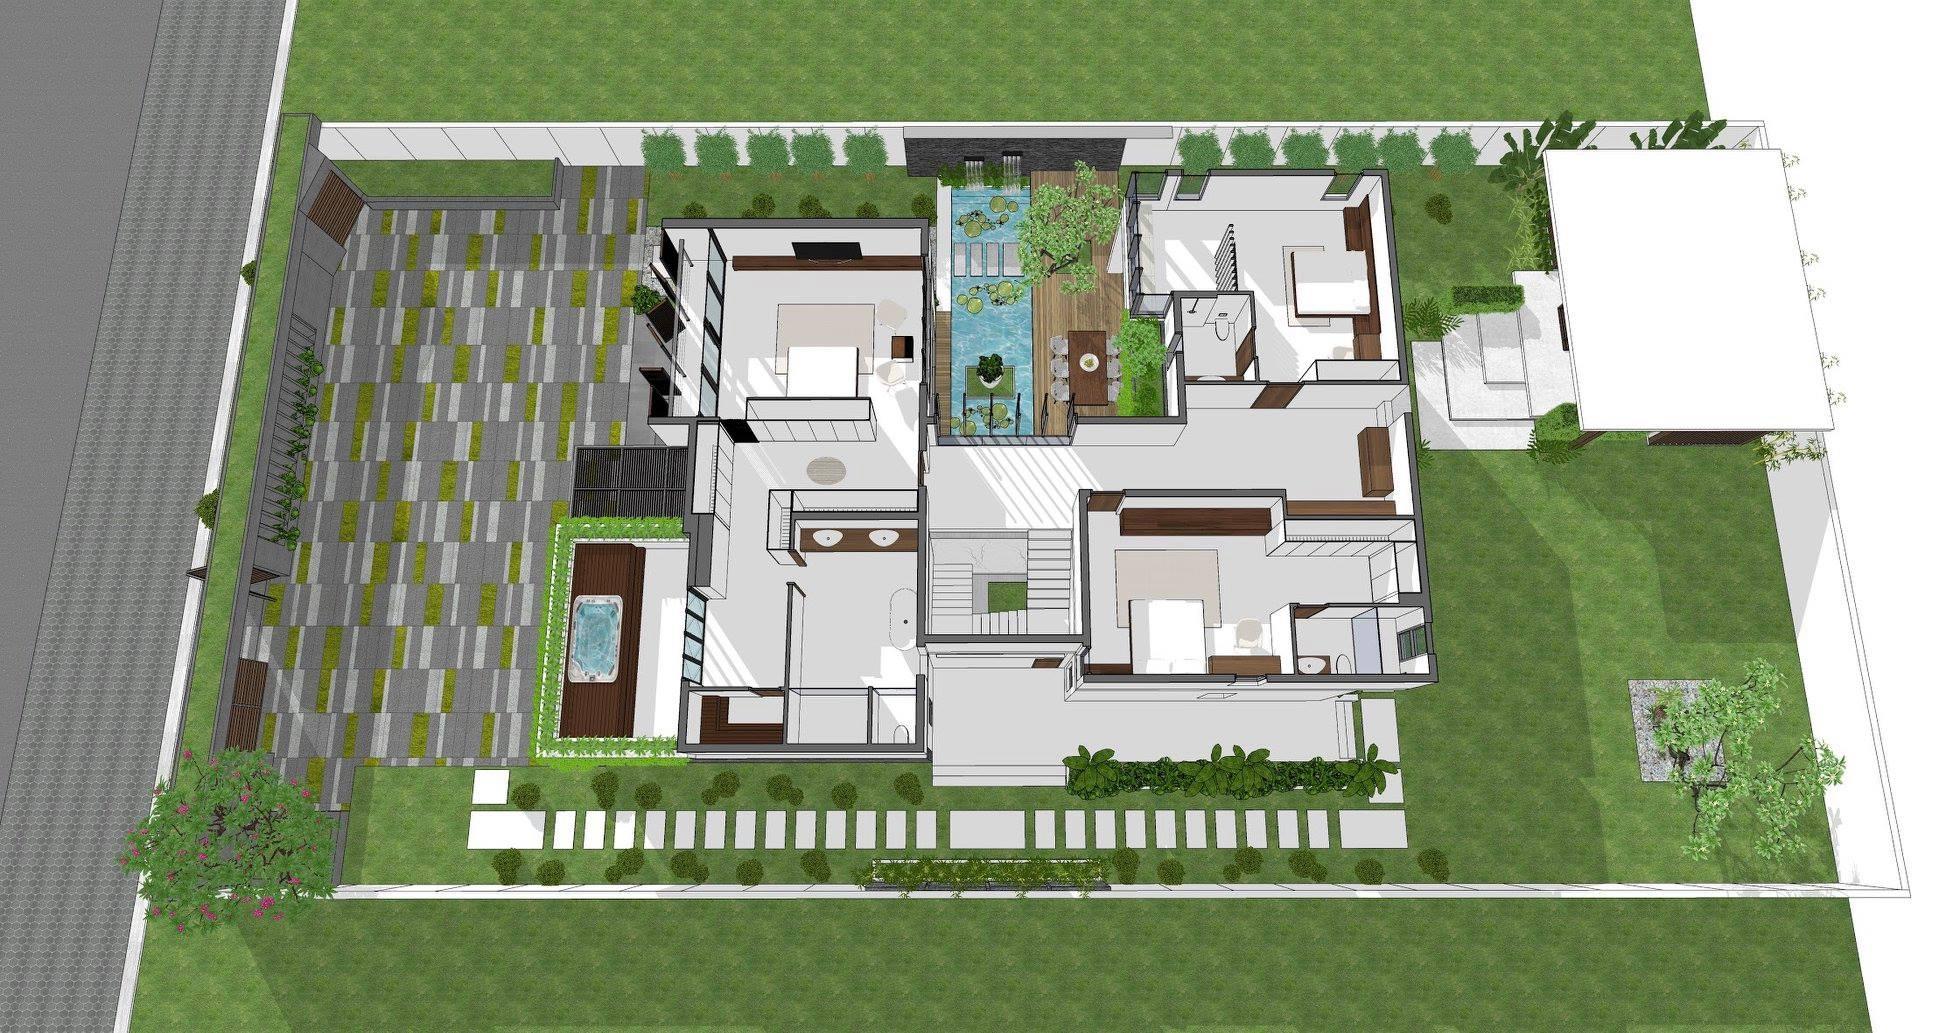 thiết kế Biệt Thự 2 tầng tại Tiền Giang KGM THIẾT KẾ XÂY DỰNG BIỆT THỰ - TIỀN GIANG 8 1562642648